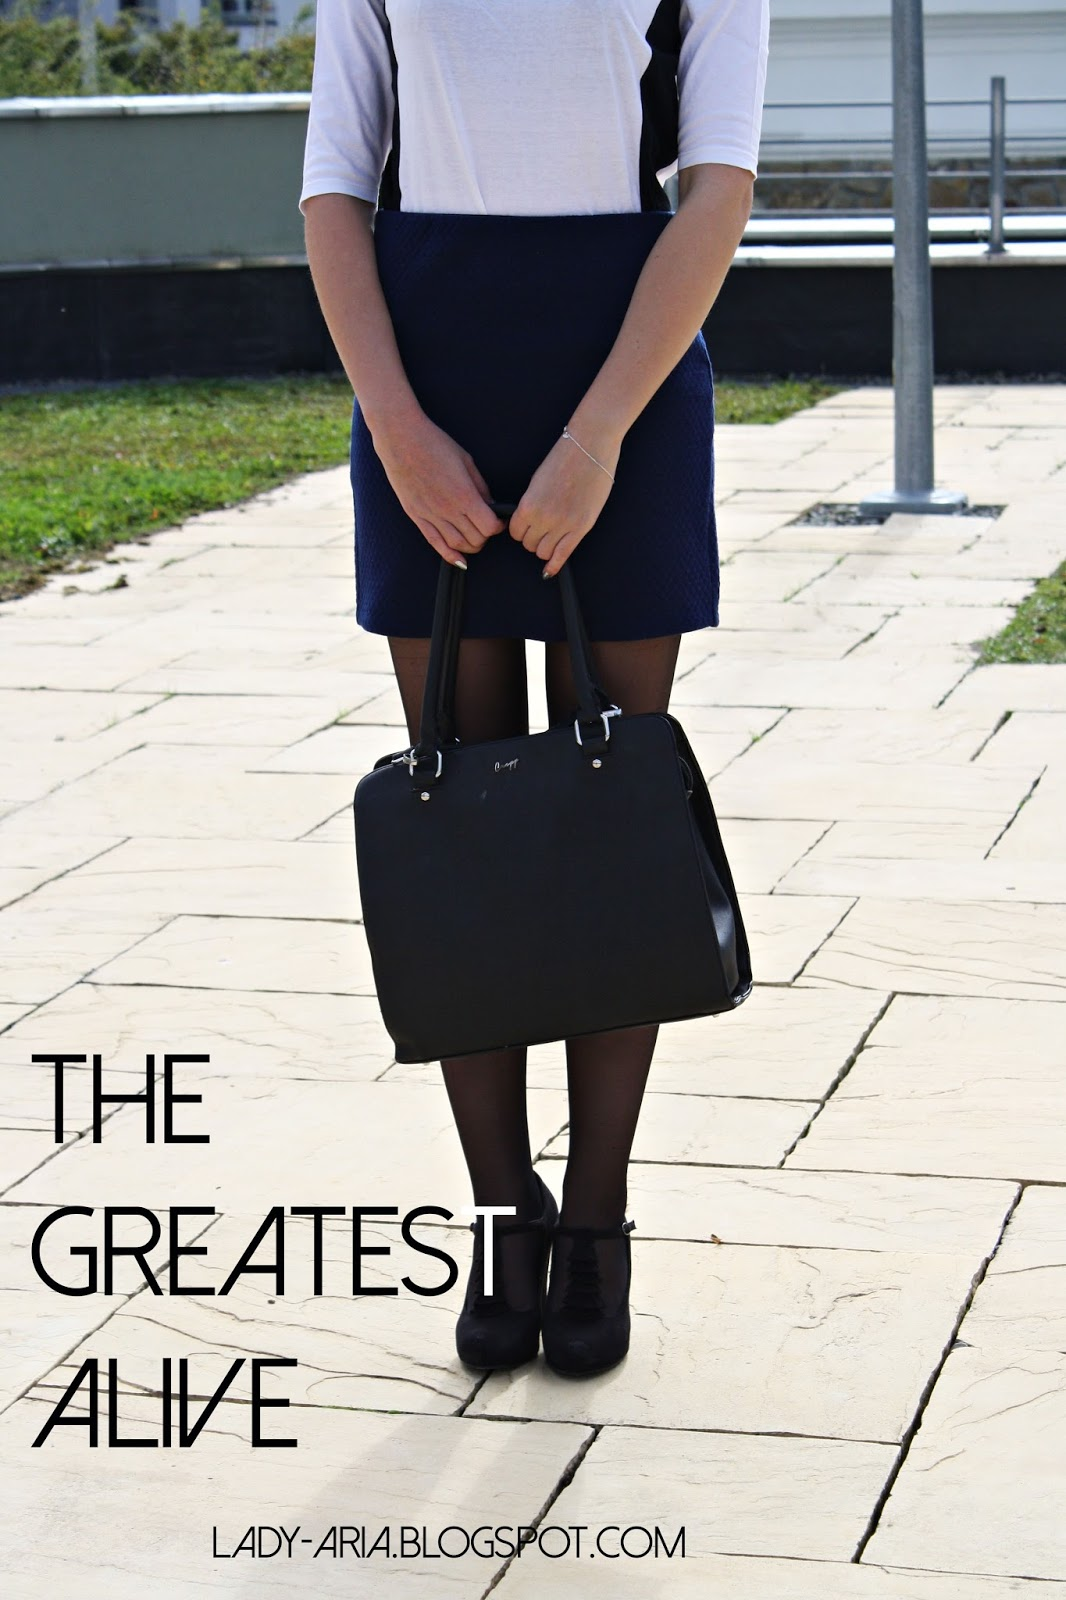 THE GREATEST ALIVE | Jak zmarnować swoje życie?